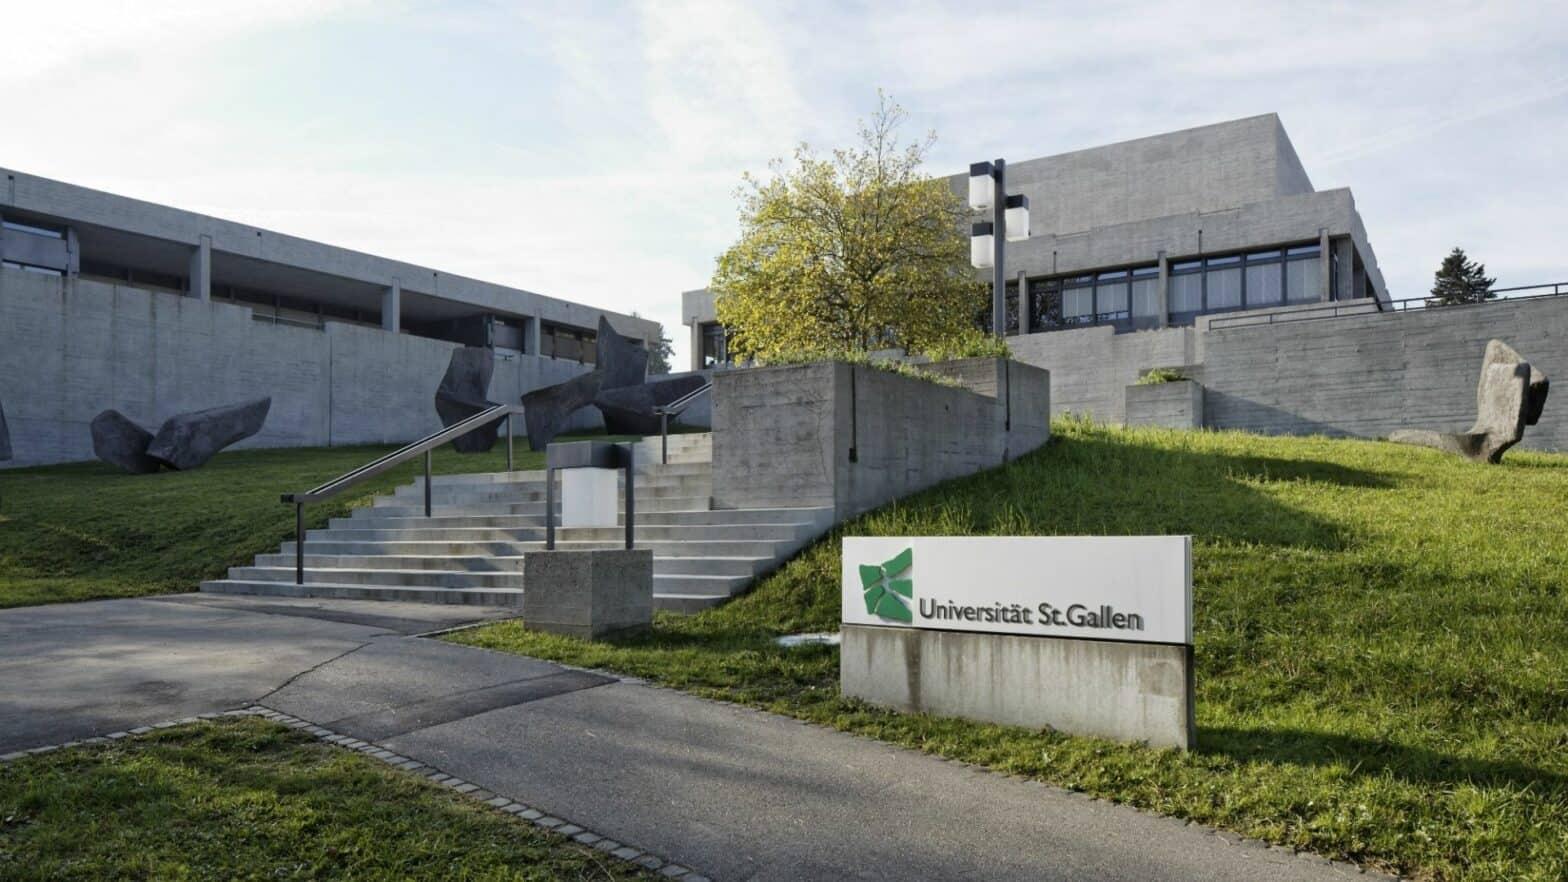 Target Unis für das Wirtschafts-Studium in der DACH-Region, HSG - Universität St.Gallen